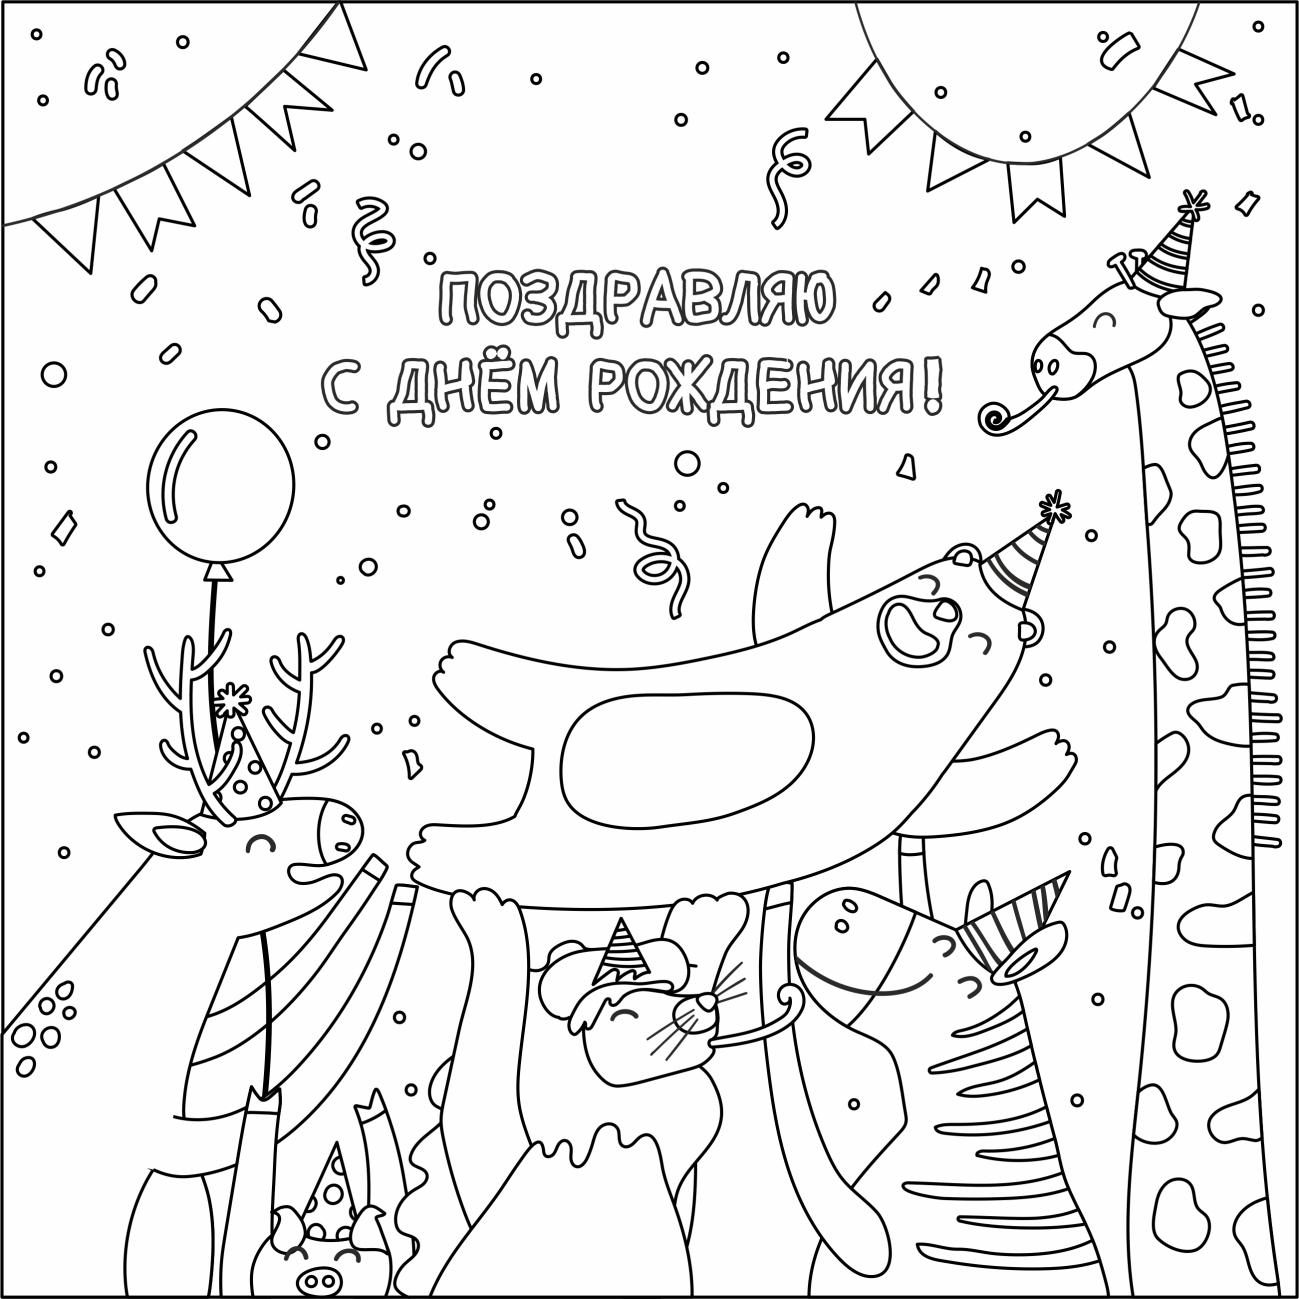 Раскраски-открытки «С днём рождения» / Для детей / Скачать